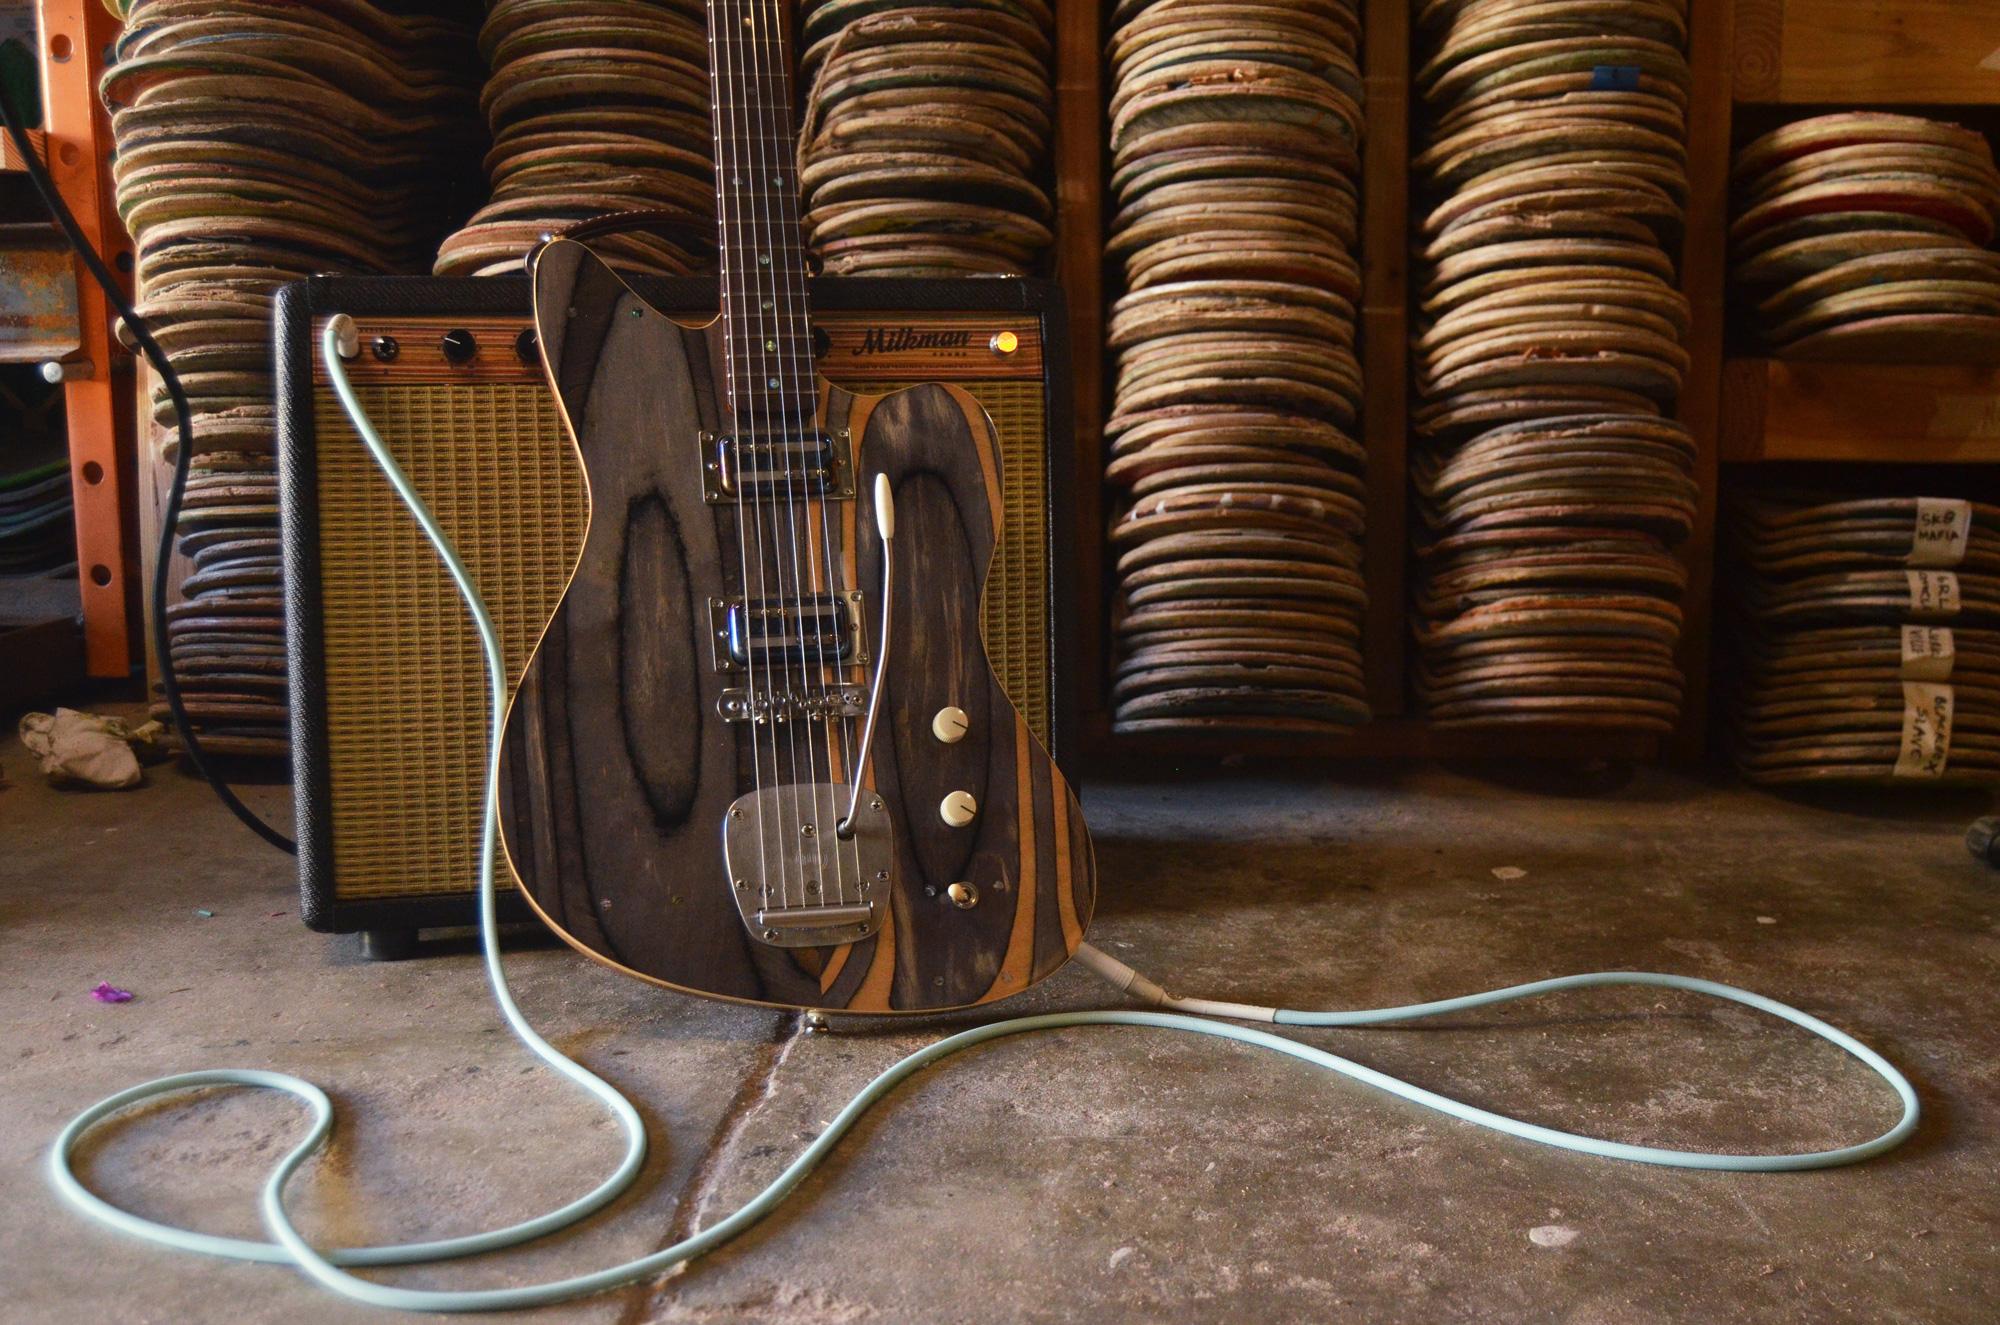 prisma-guitars-amadeus-magazine